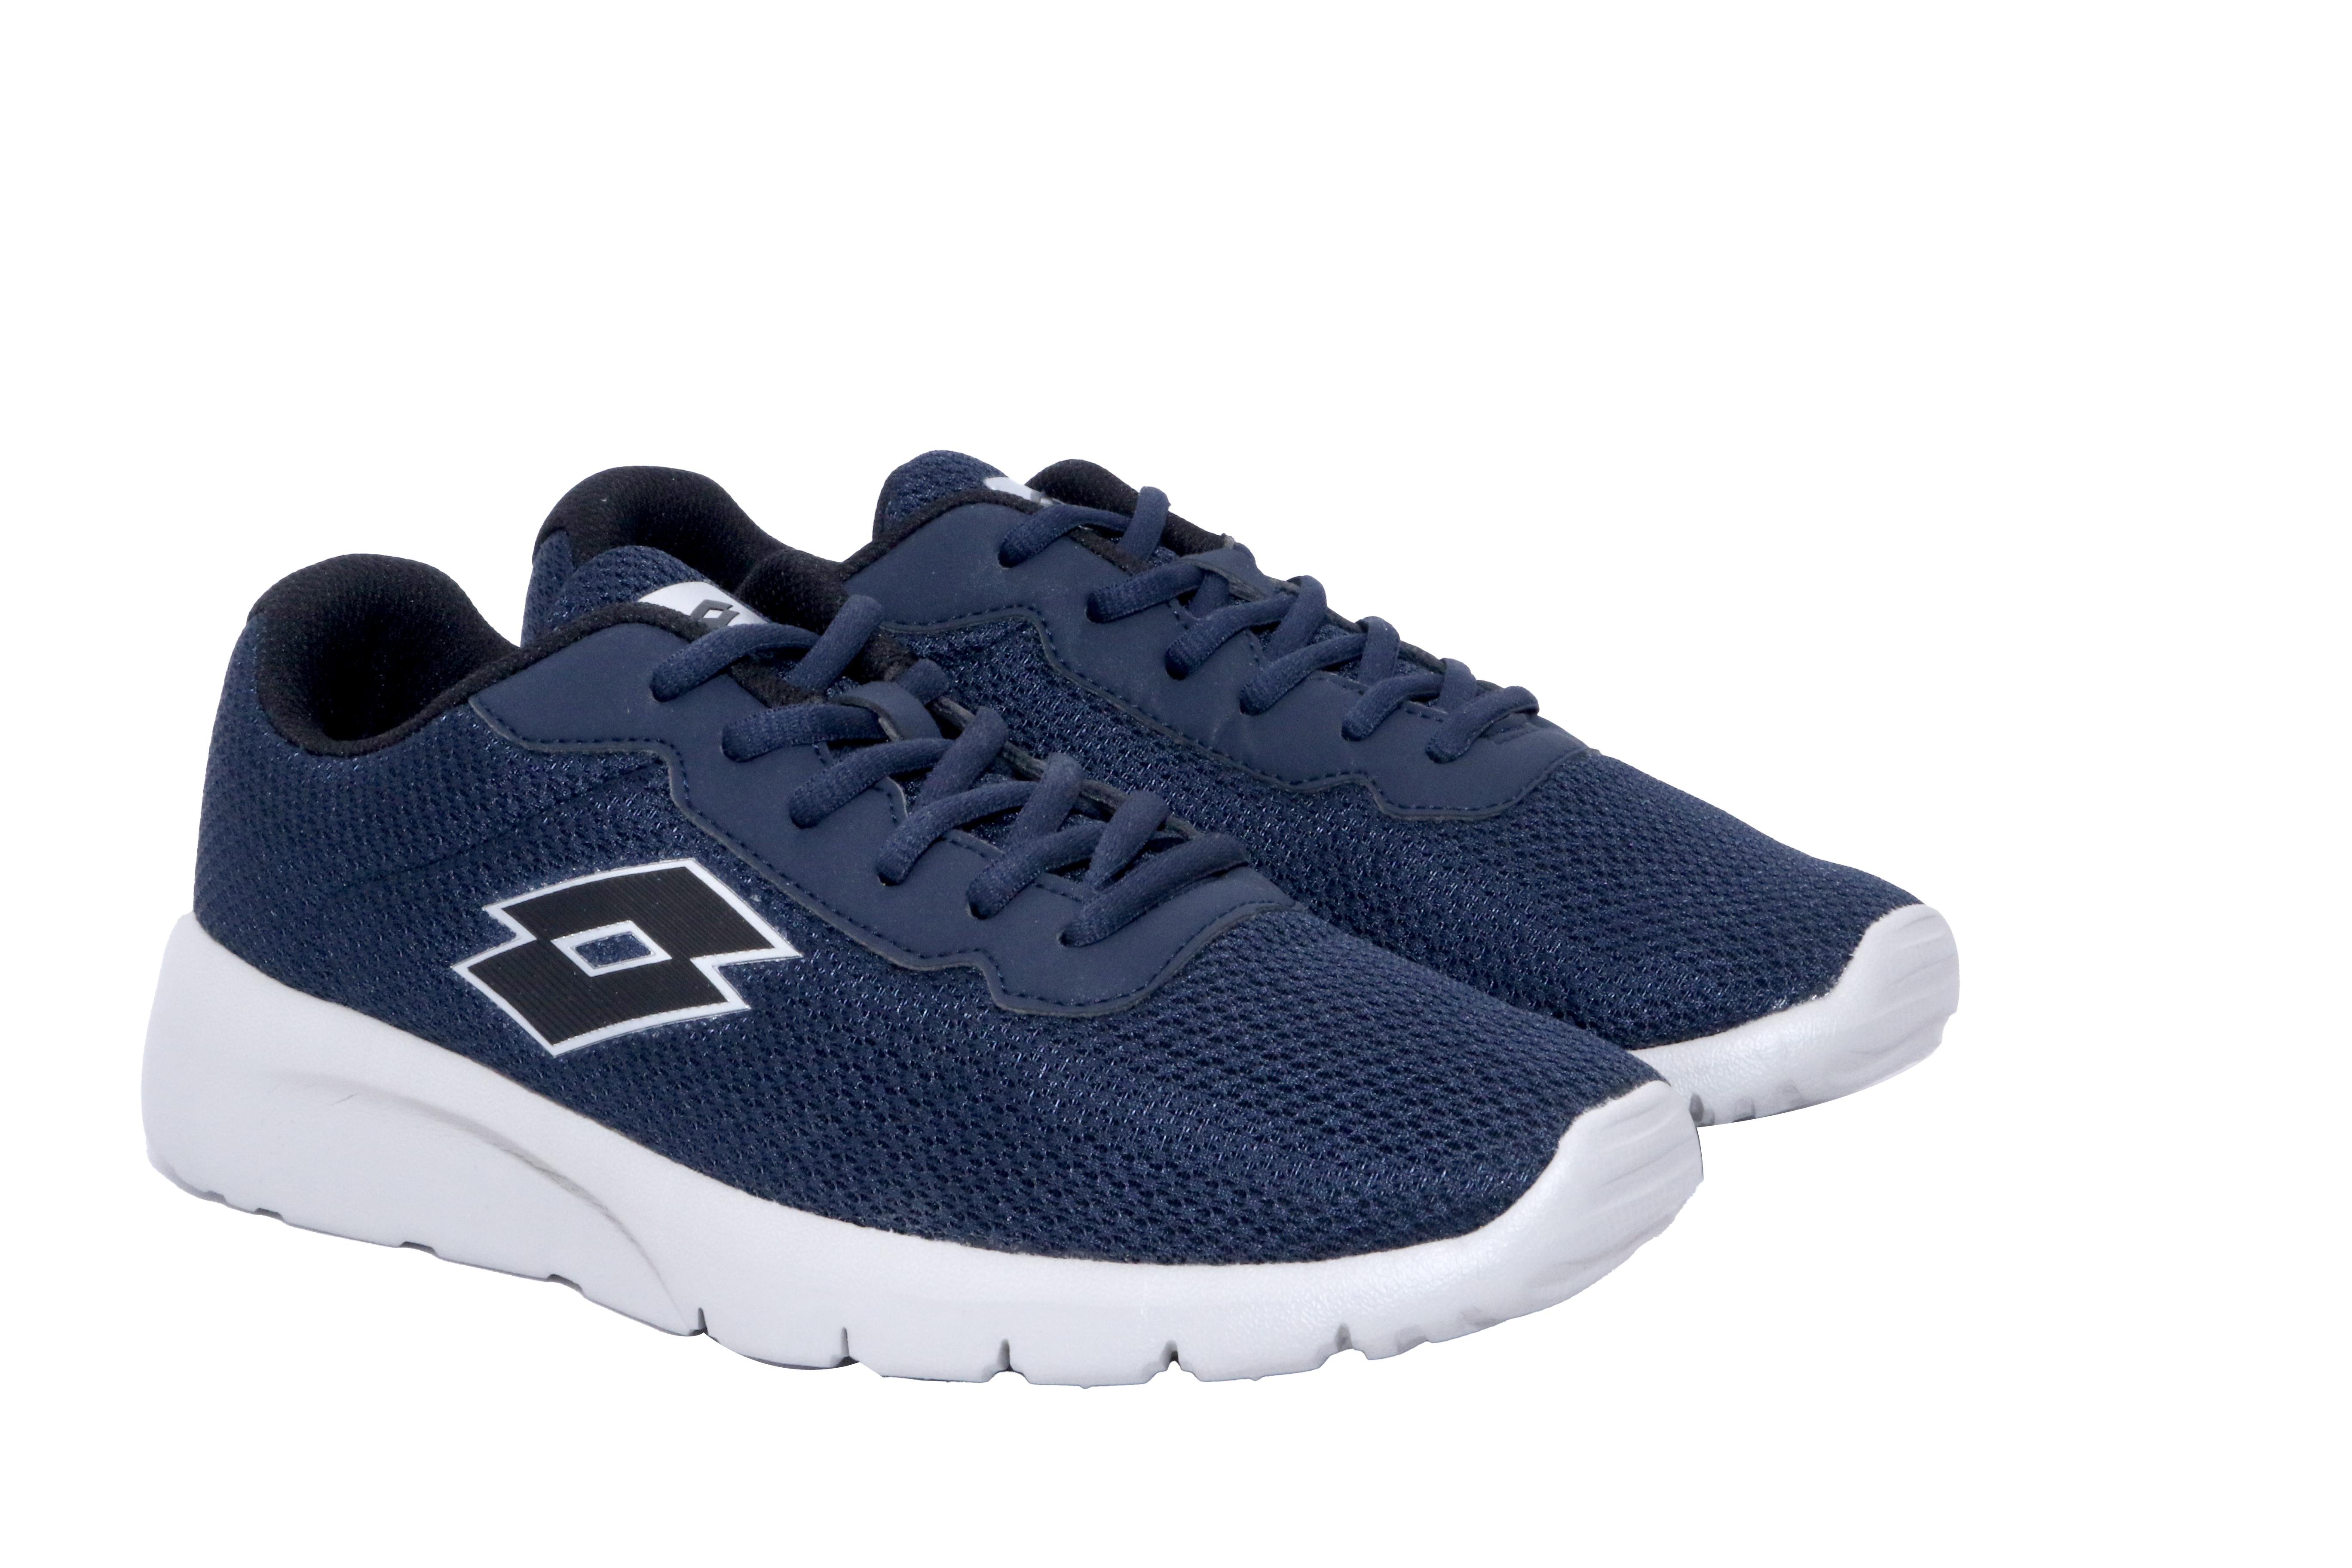 Lotto | Lotto Men's Megalight Iii Ny Navy Training Shoes